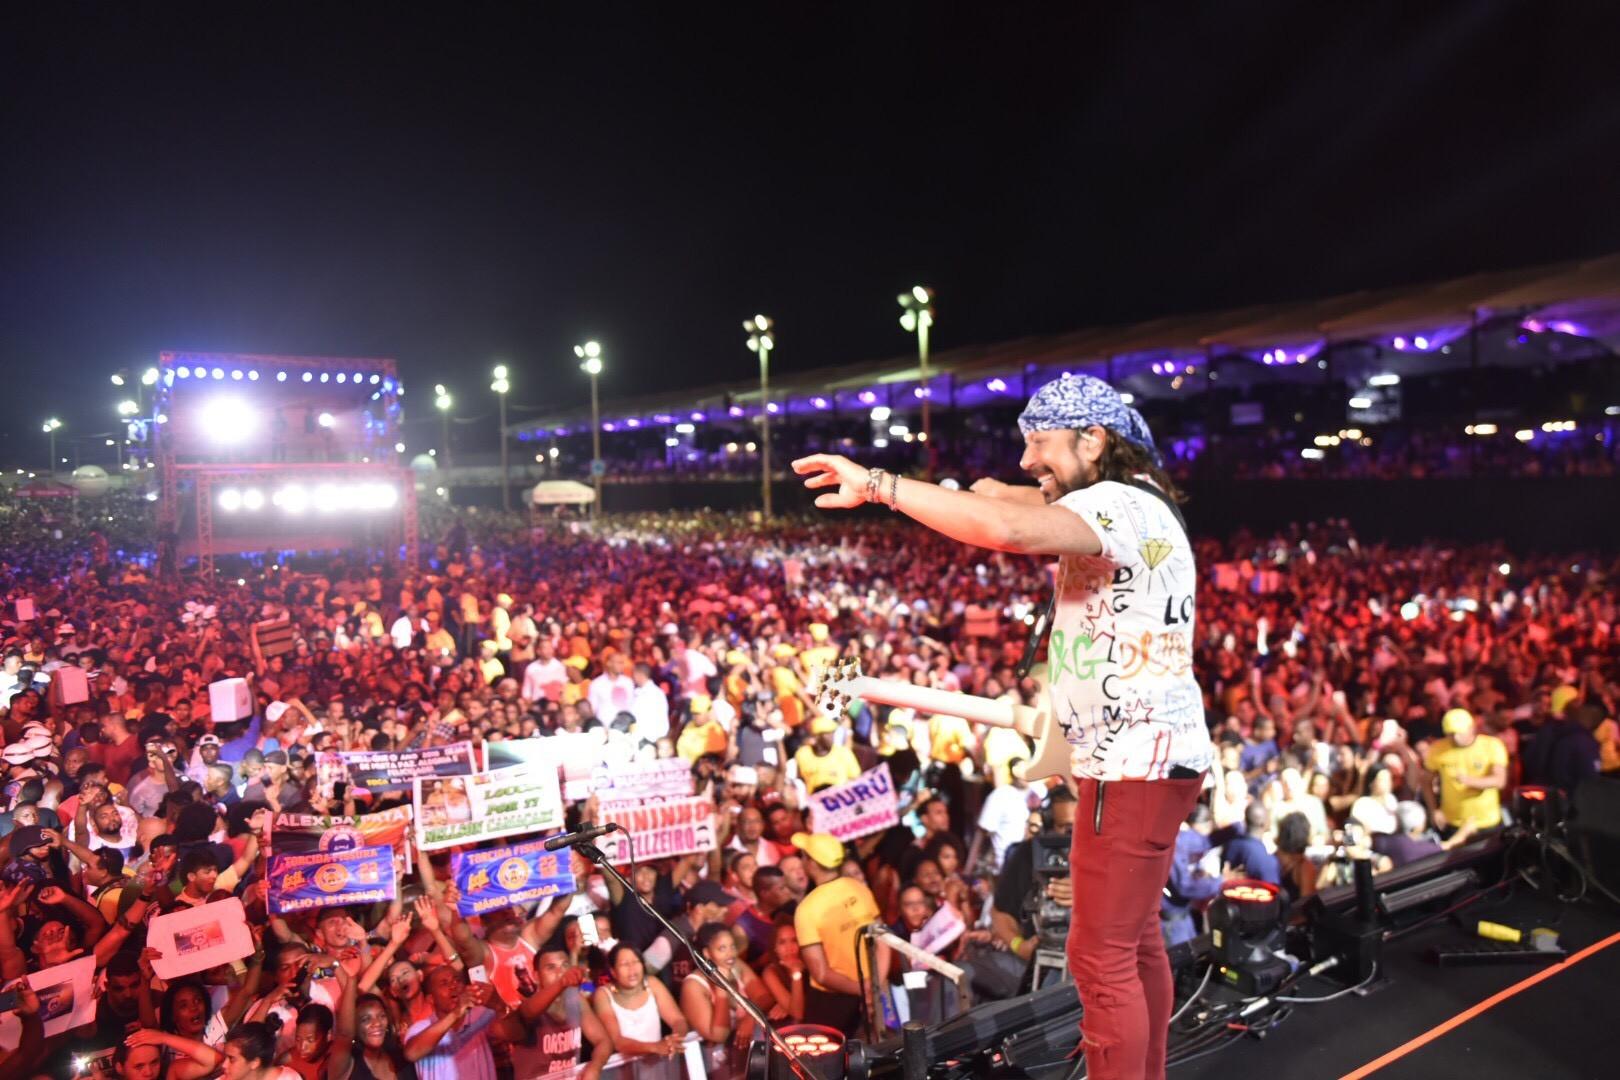 Fest Verão Sergipe começa nesta sexta-feira - Noticias